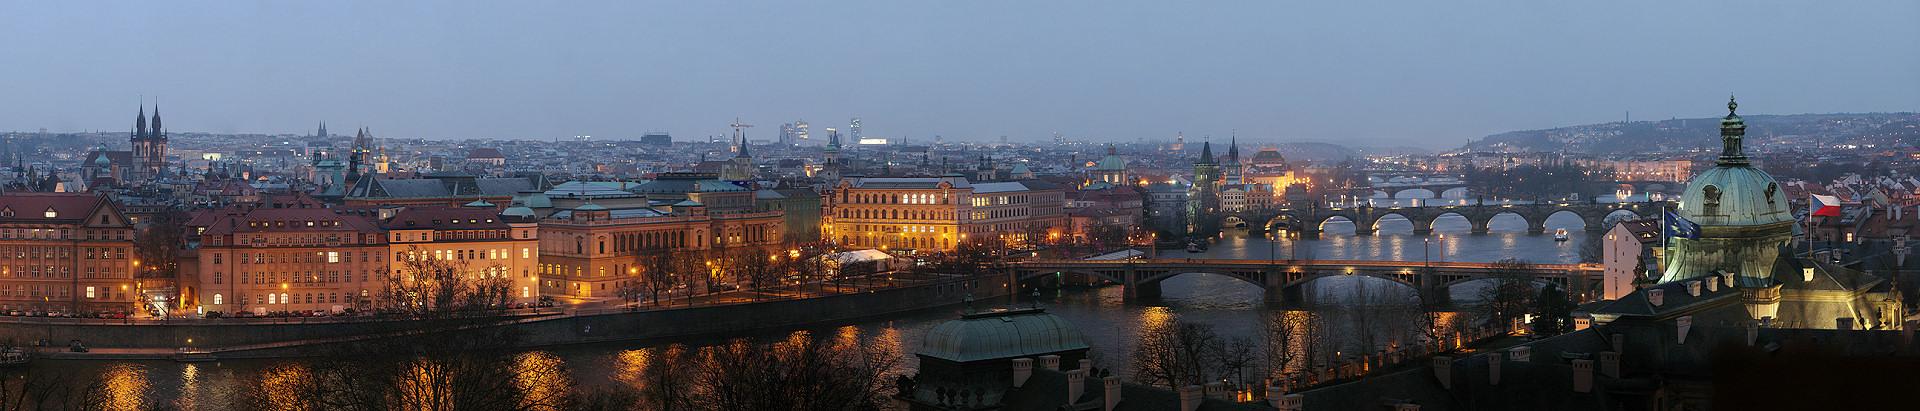 City of Prague, Czech Republic